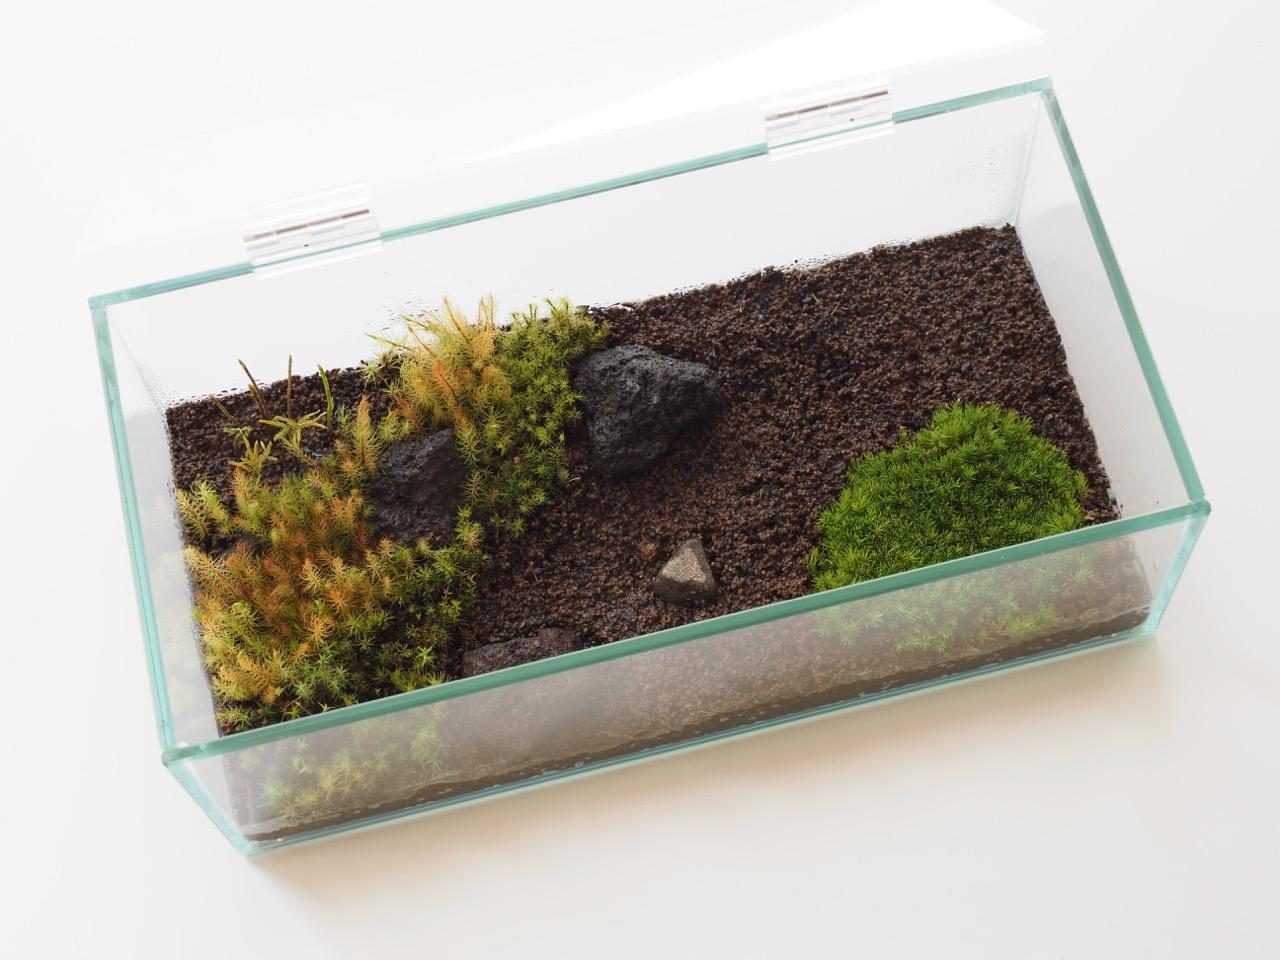 「苔の箱庭」用の小さなガラス水槽探し